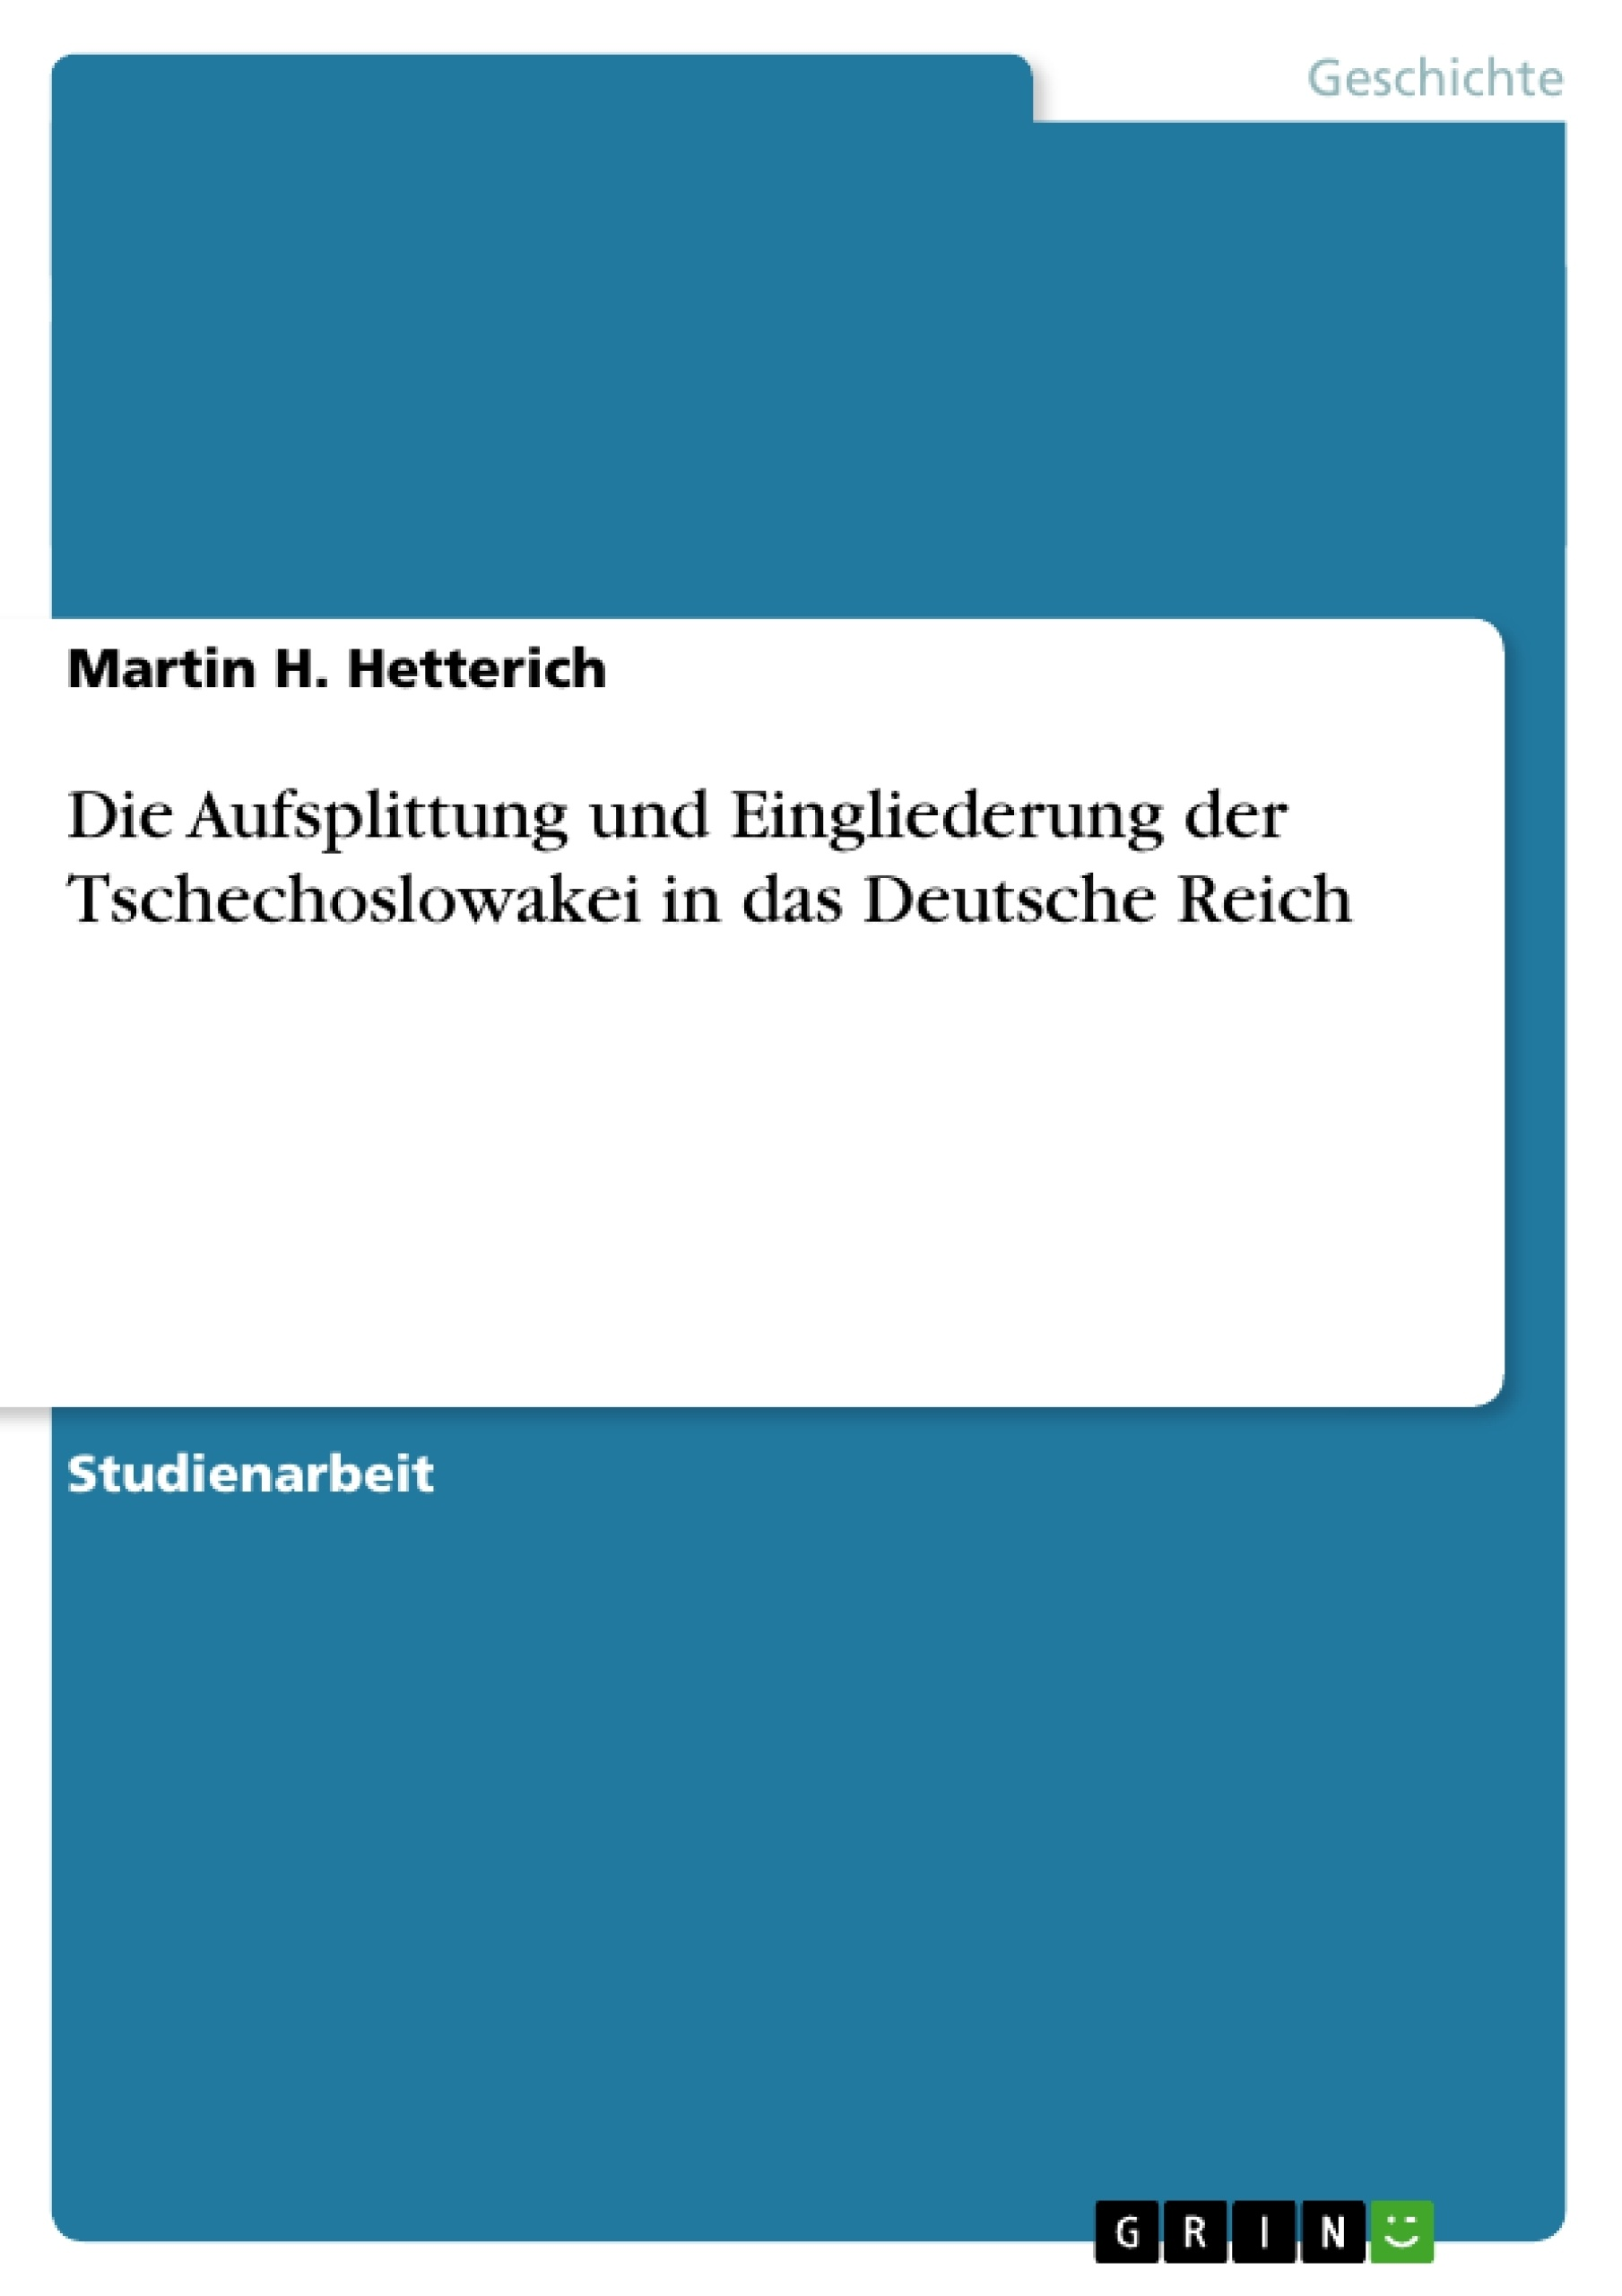 Titel: Die Aufsplittung und Eingliederung der Tschechoslowakei in das Deutsche Reich